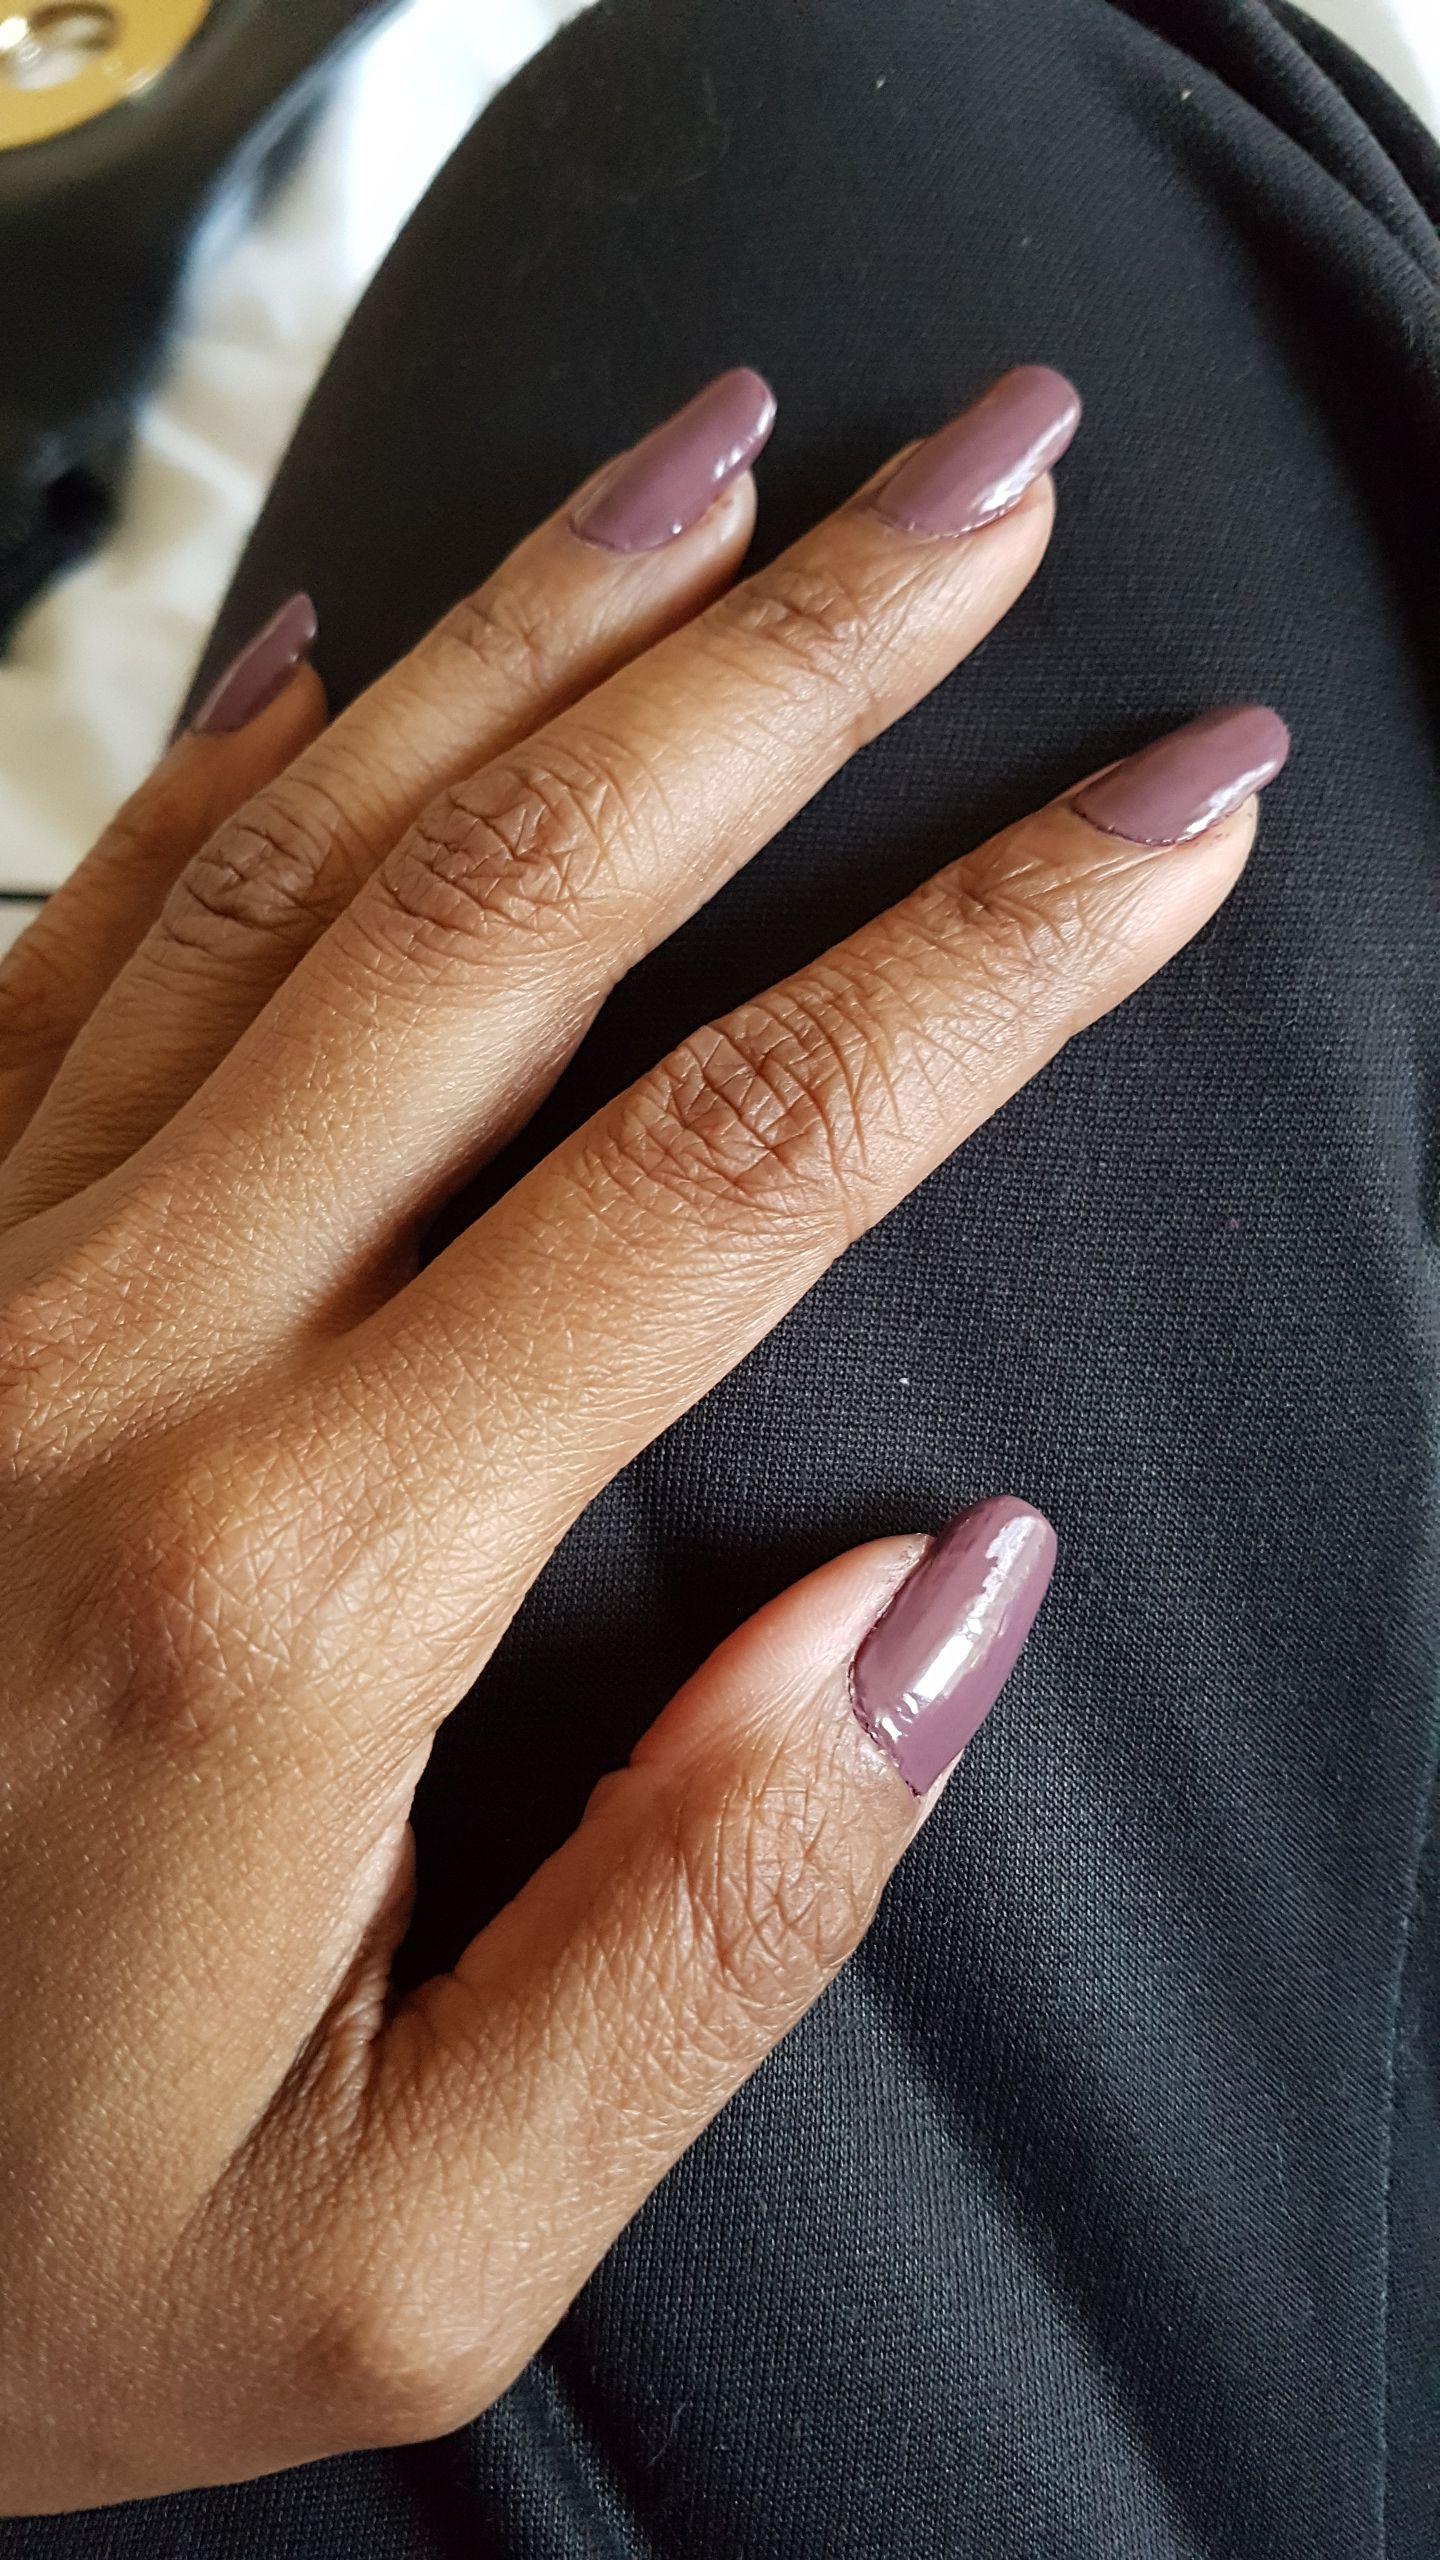 Nail Polish For Dark Skin Colors For Dark Skin Nail Polish Toe Nail Color